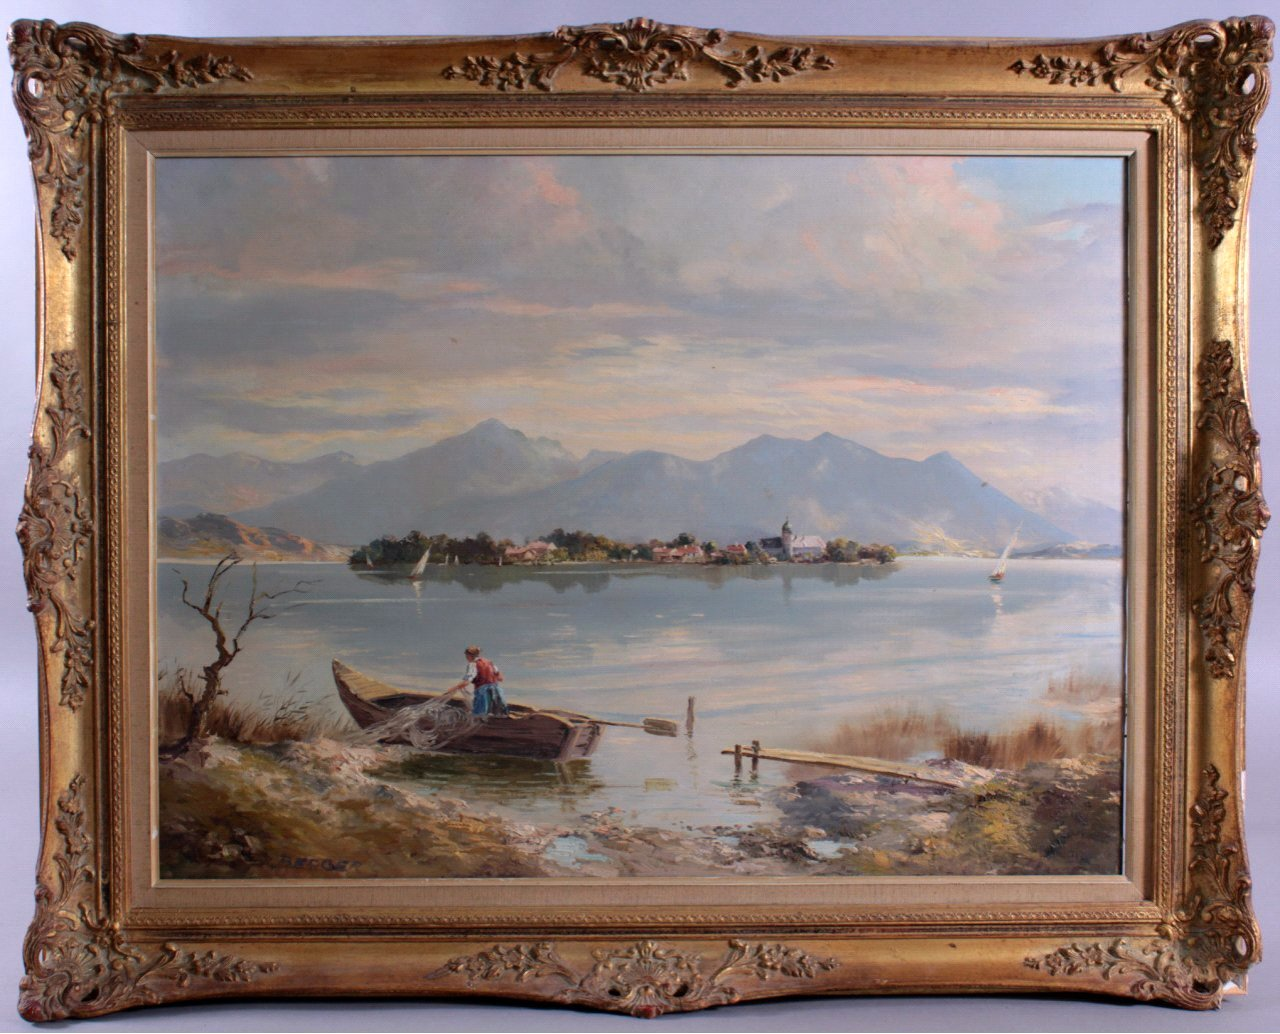 Berger ?-?. Fraueninsel im Chiemsee mit Fischerin